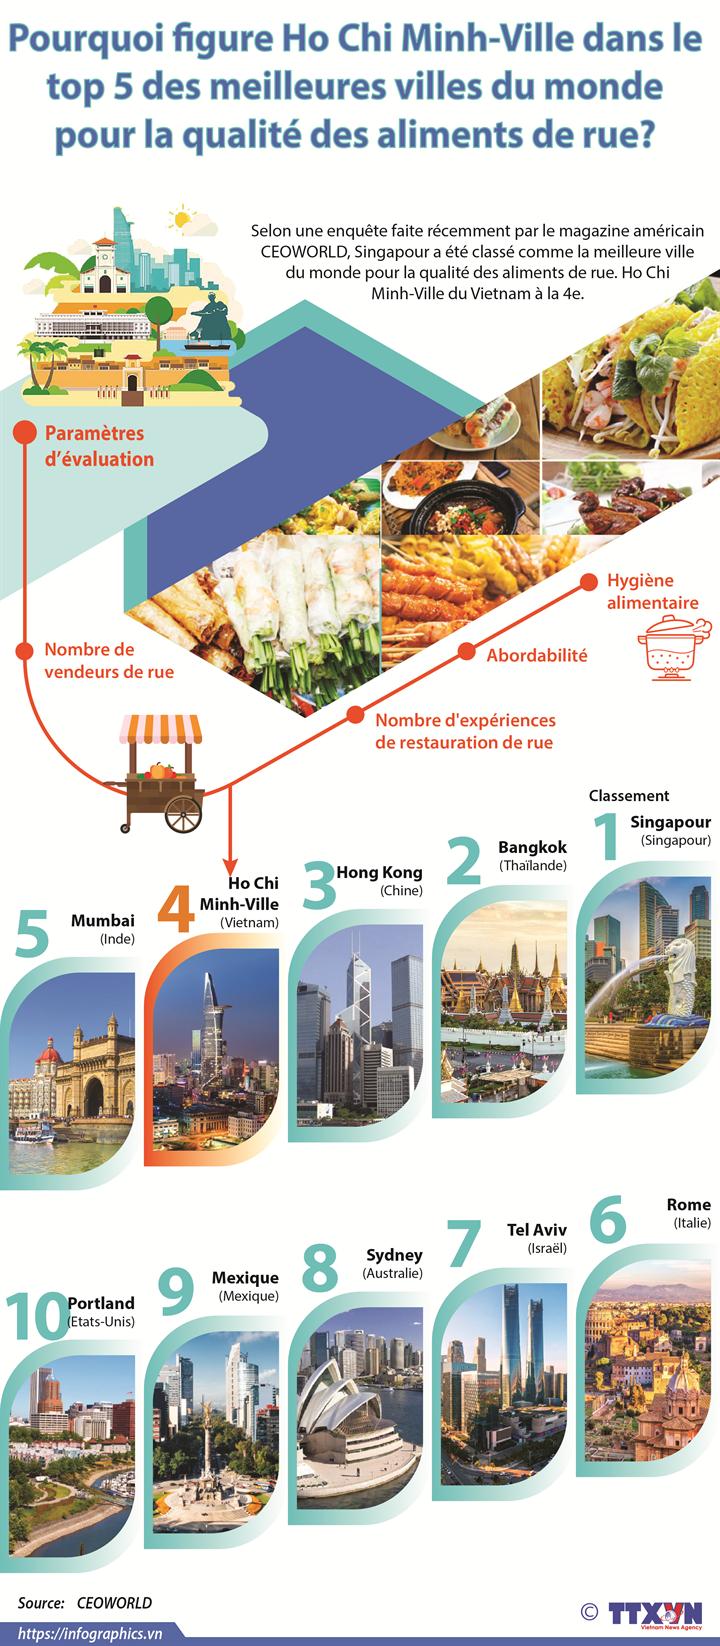 Pourquoi figure Ho Chi Minh-Ville dans le top 5 des meilleures villes du monde pour la qualité des aliments de rue?